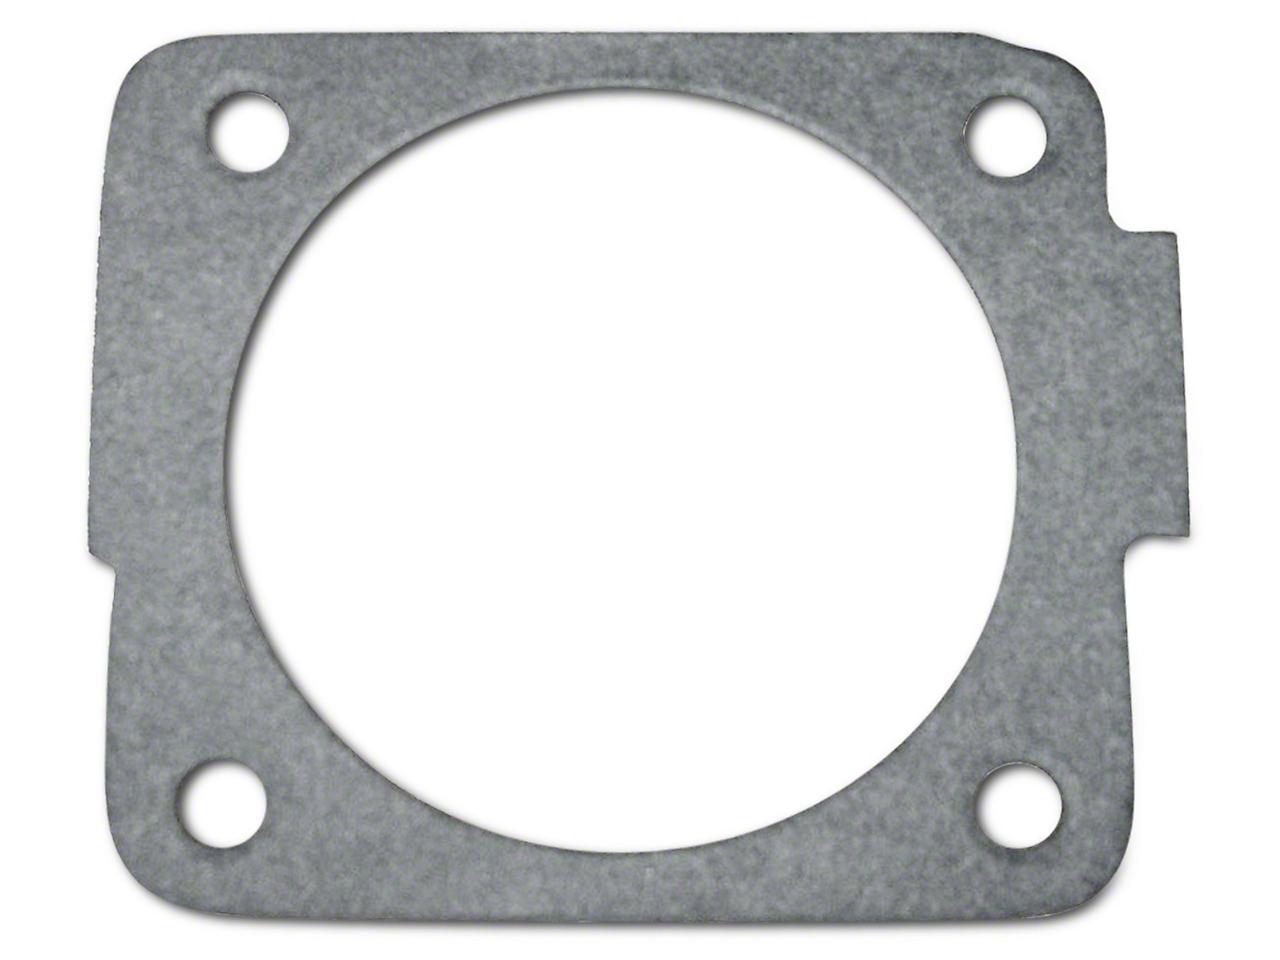 BBK 75mm Throttle Body Gasket Kit (97-03 4.6L, 5.4L)